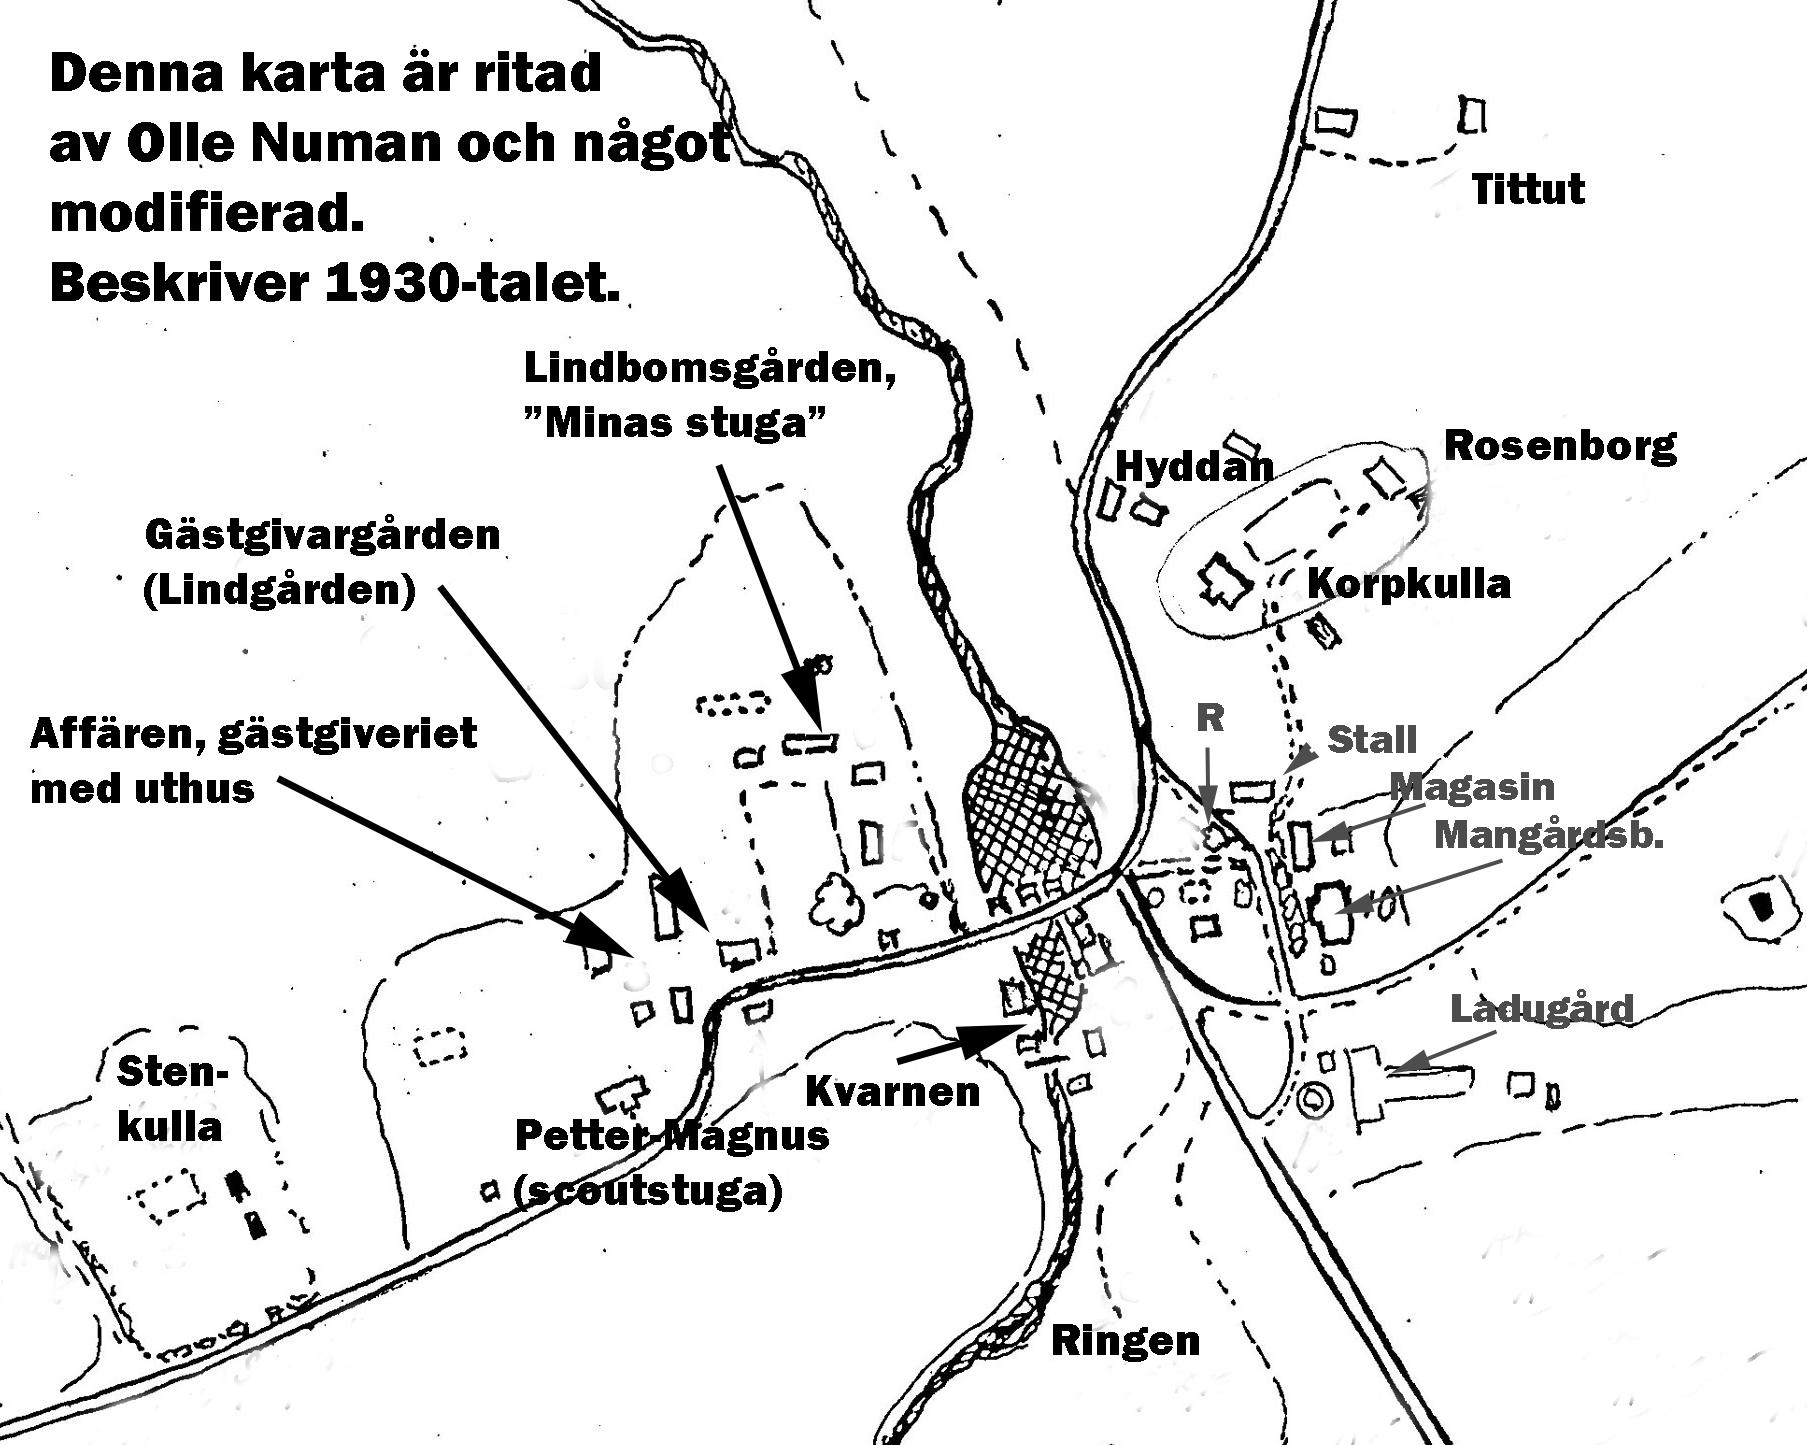 mod-karta-1927